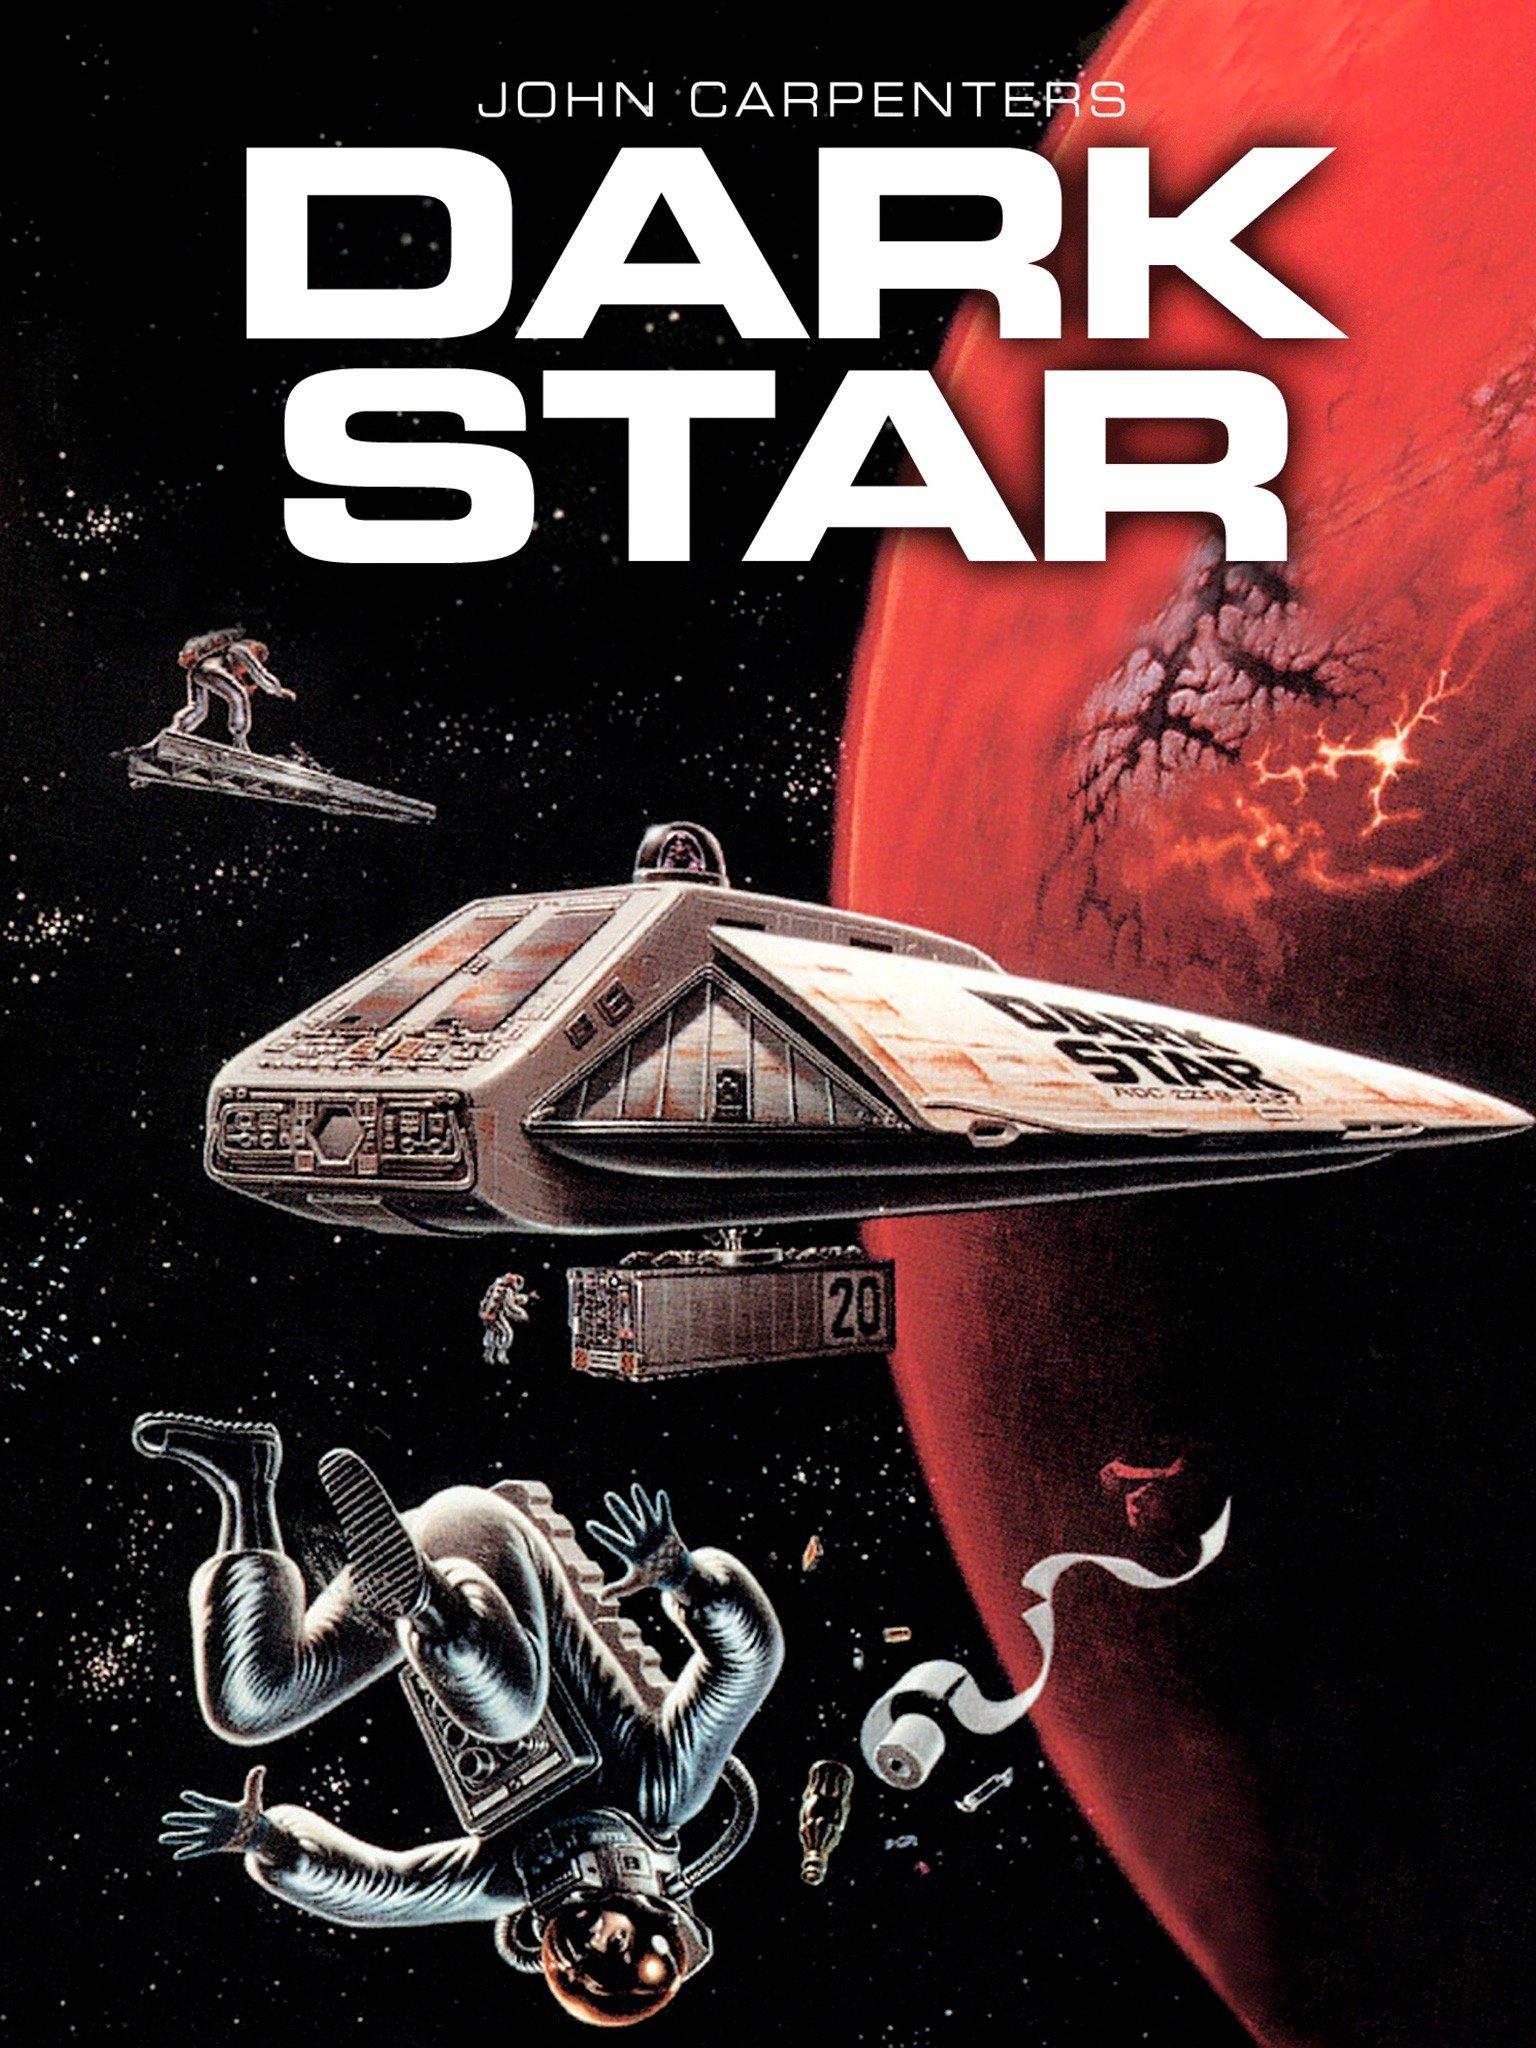 Dark Star 1974 Rotten Tomatoes